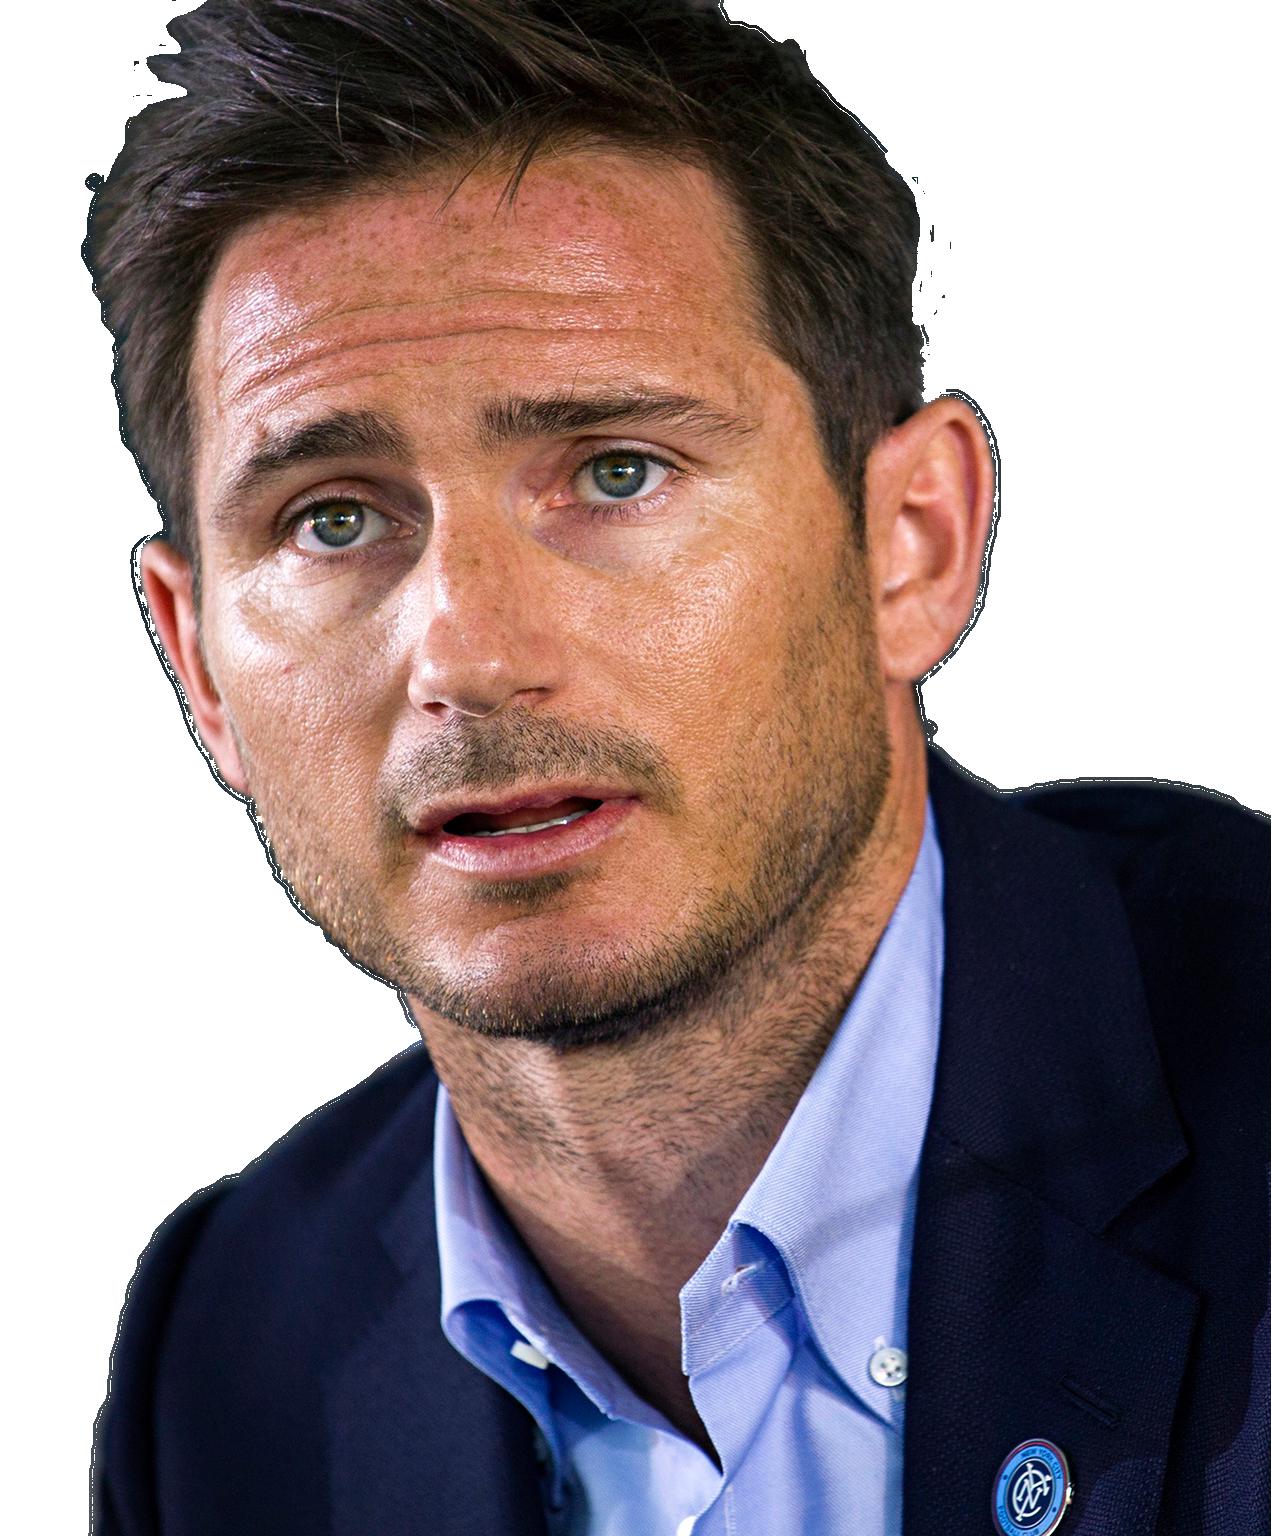 Image Frank Lampard FIFA Football Gaming wiki